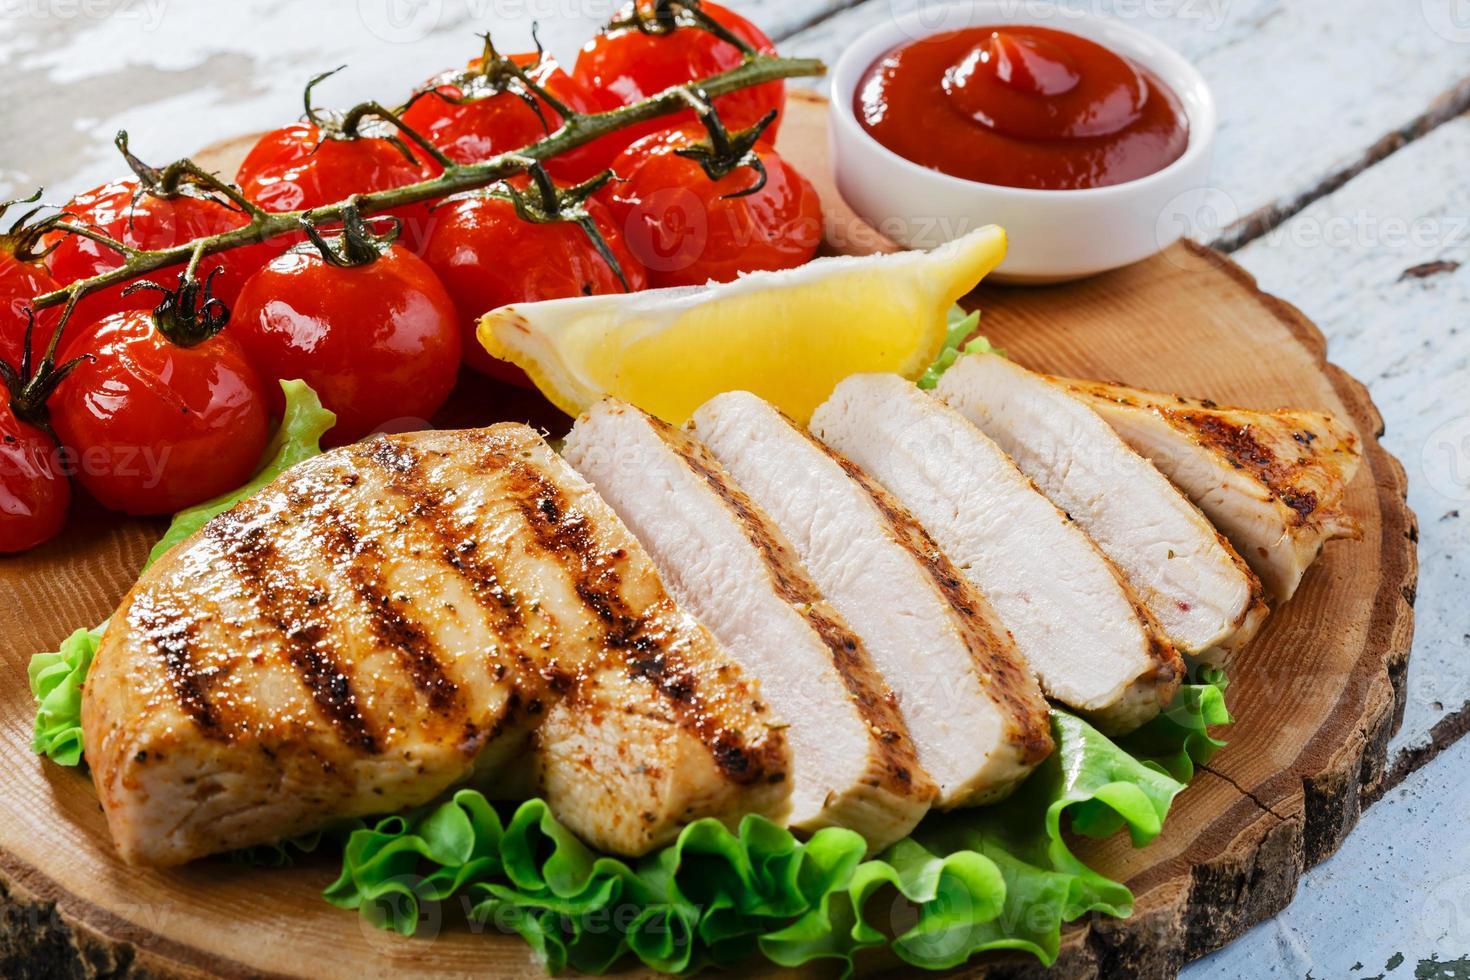 filet de poulet grill légumes sauce photo